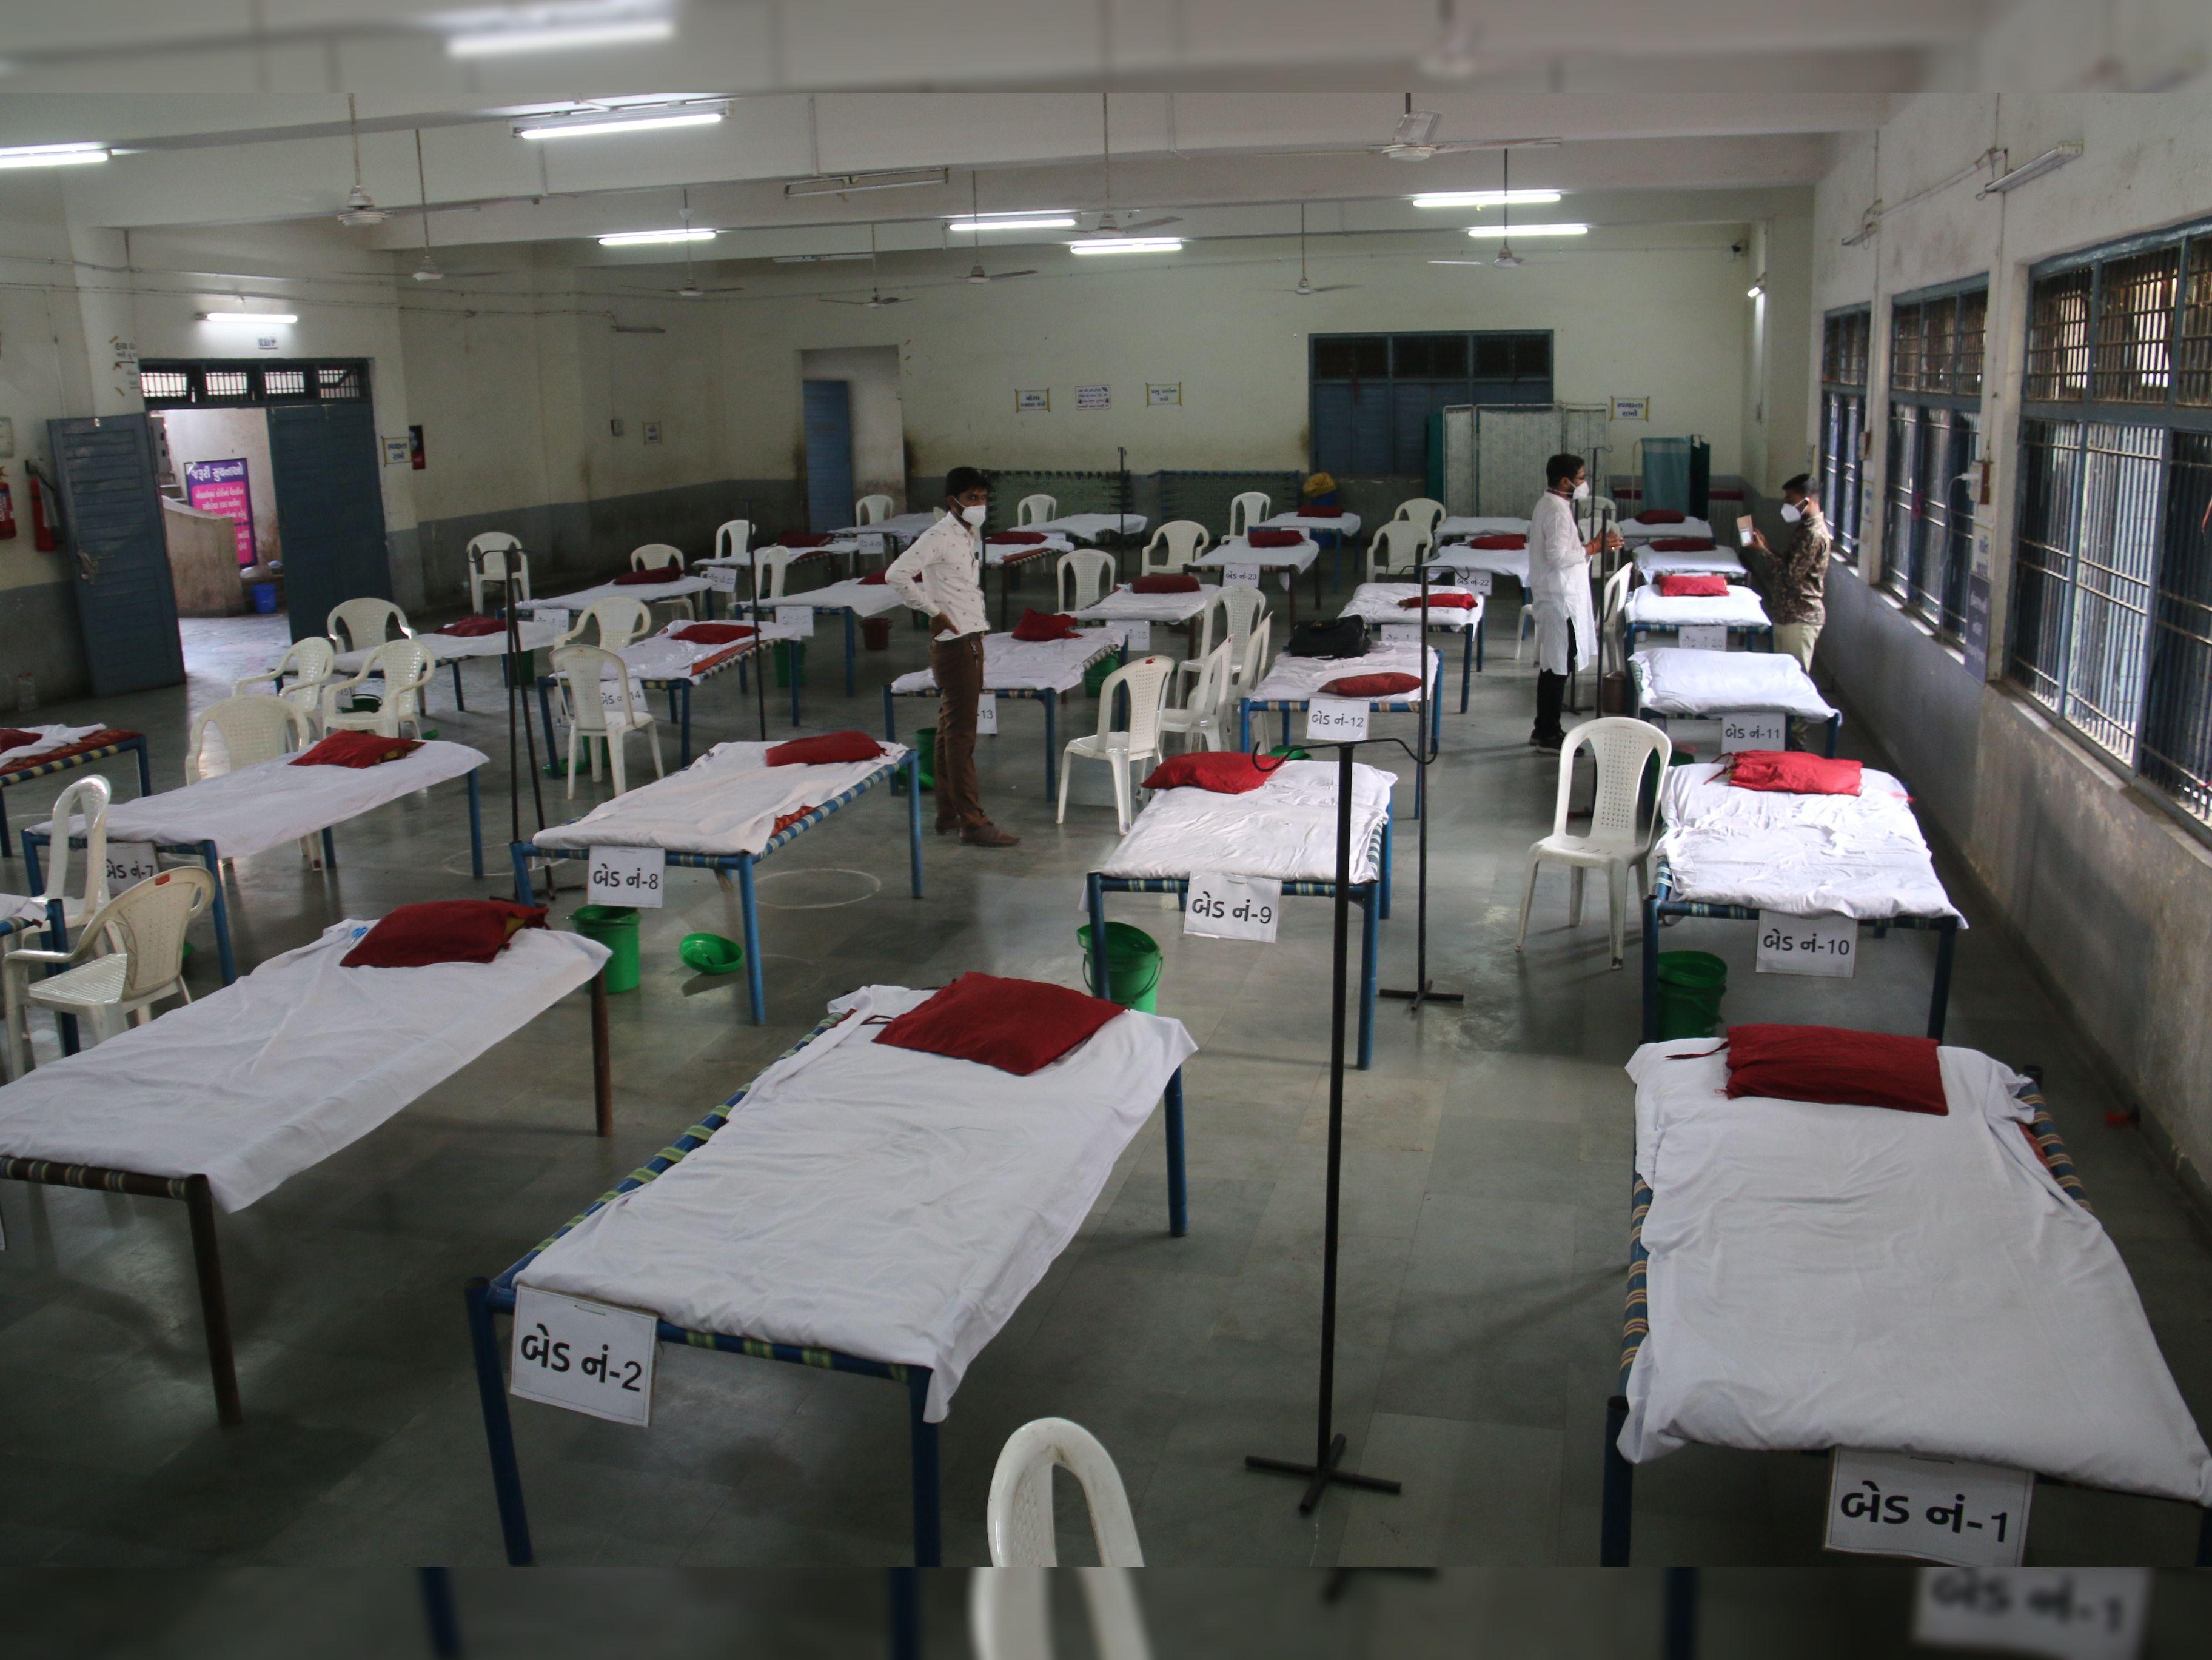 વરાછામાં માત્ર છ જ દિવસમાં સાત આઇસોલેશન સેન્ટર ઉભાં કરાયાં, બે દિવસમાં 20 લાખનું દાન, 1 હજાર લોકો દર્દીઓની સેવા માટે તૈયાર|સુરત,Surat - Divya Bhaskar